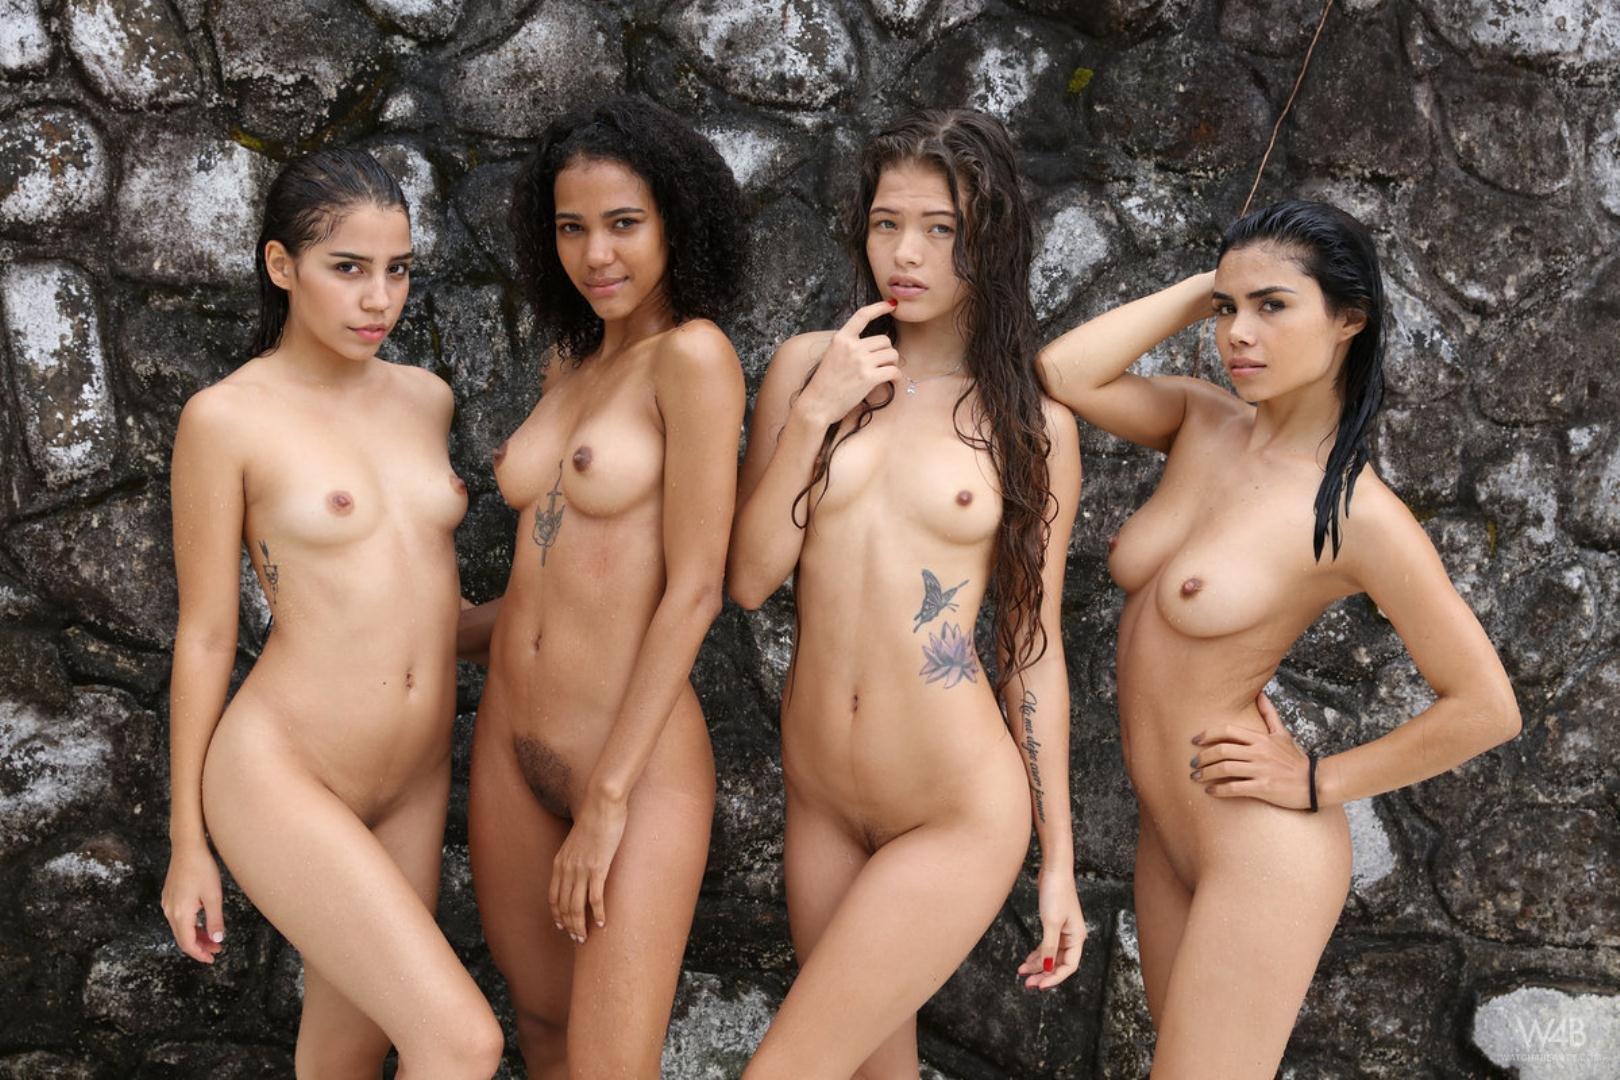 Real Naked Girls Pics